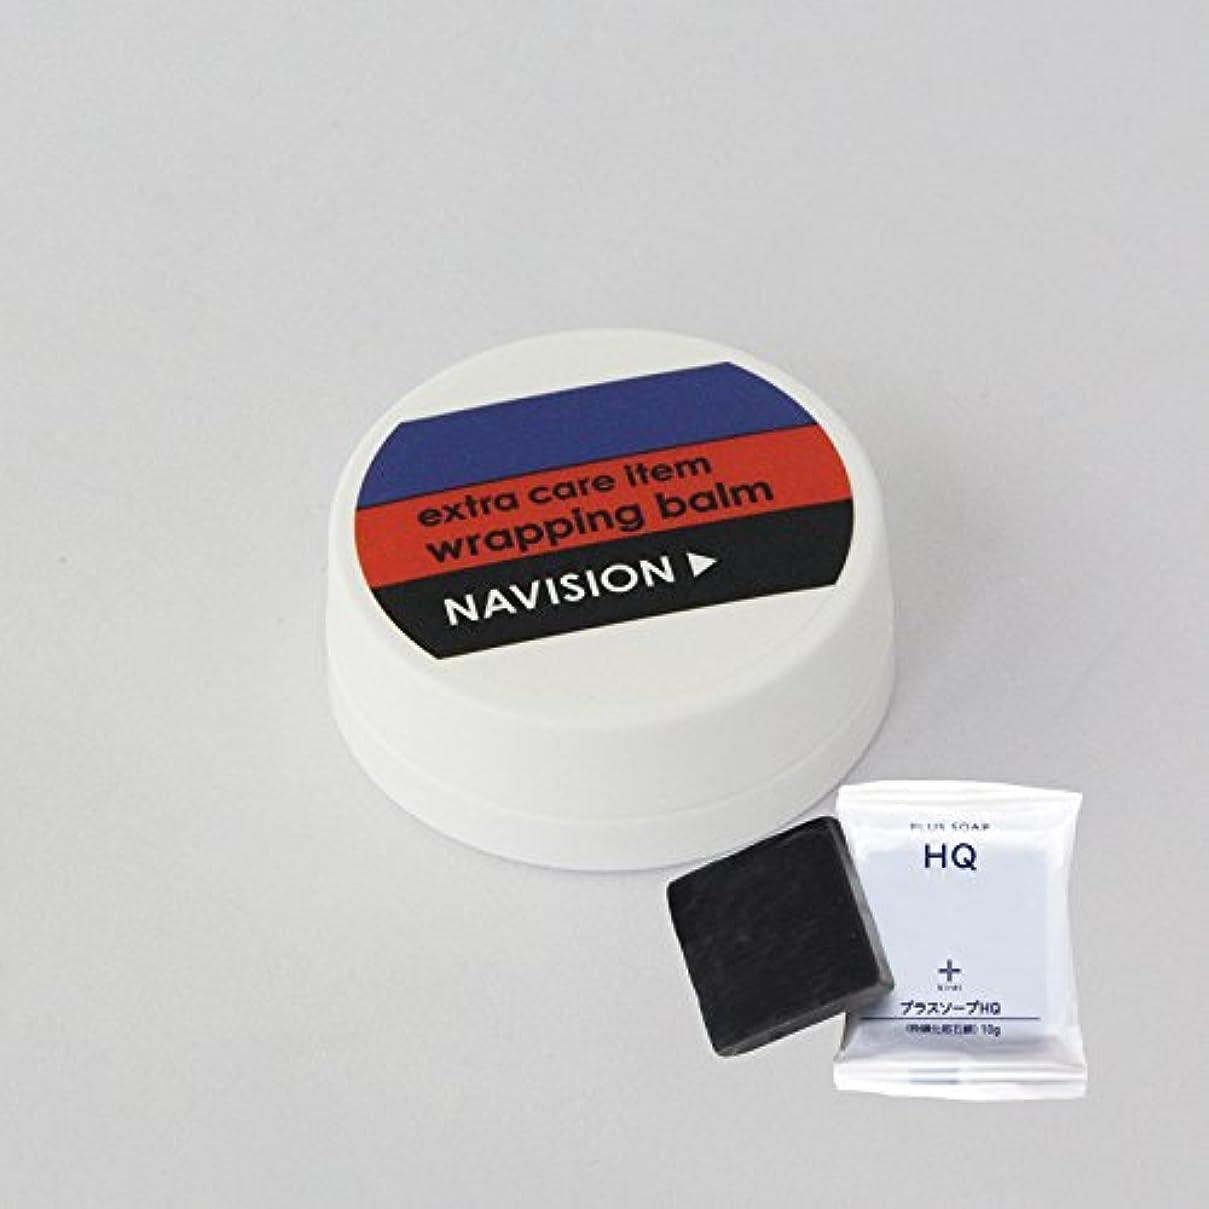 シチリアこれまでストレッチナビジョン NAVISION ラッピングバーム 5g + プラスキレイ プラスソープHQミニ